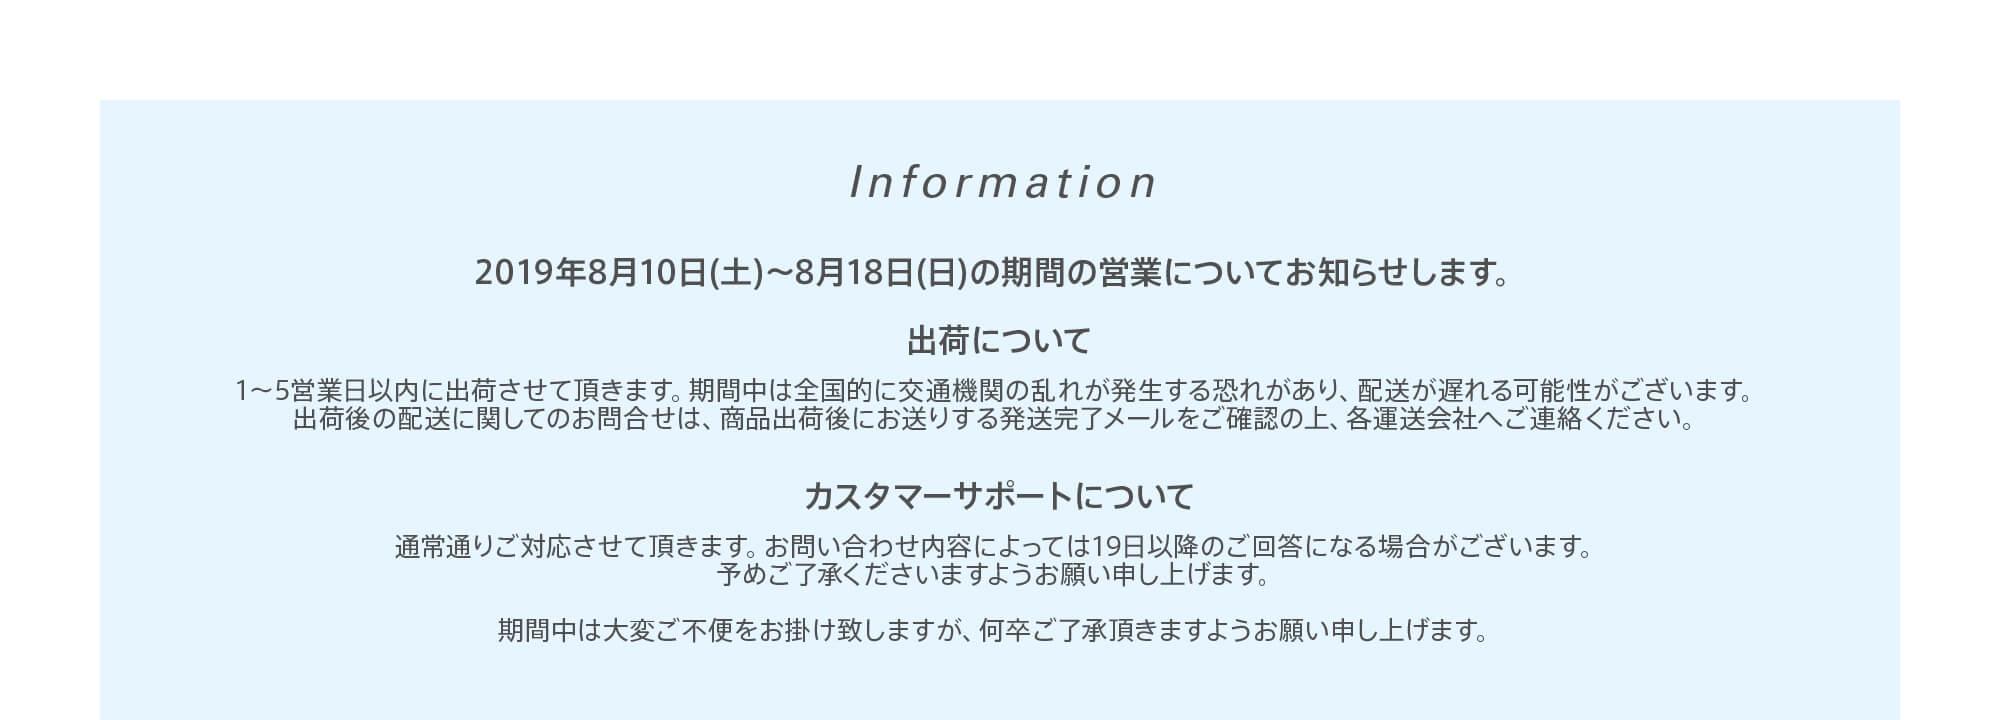 2019年8月10日(土)〜8月18日(日)の期間の営業についてお知らせ